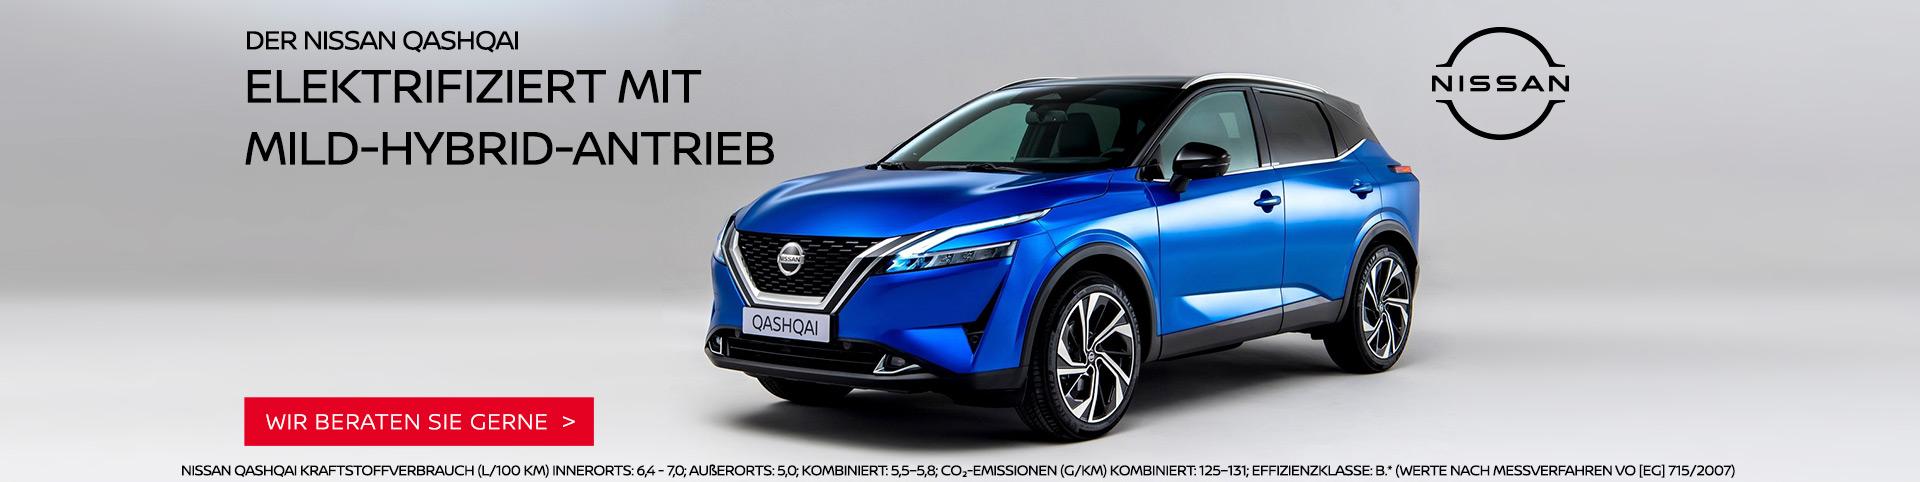 Nissan Quashqai mit Mild-Hybrid-Antrieb bei Autozentrum P&A Preckel